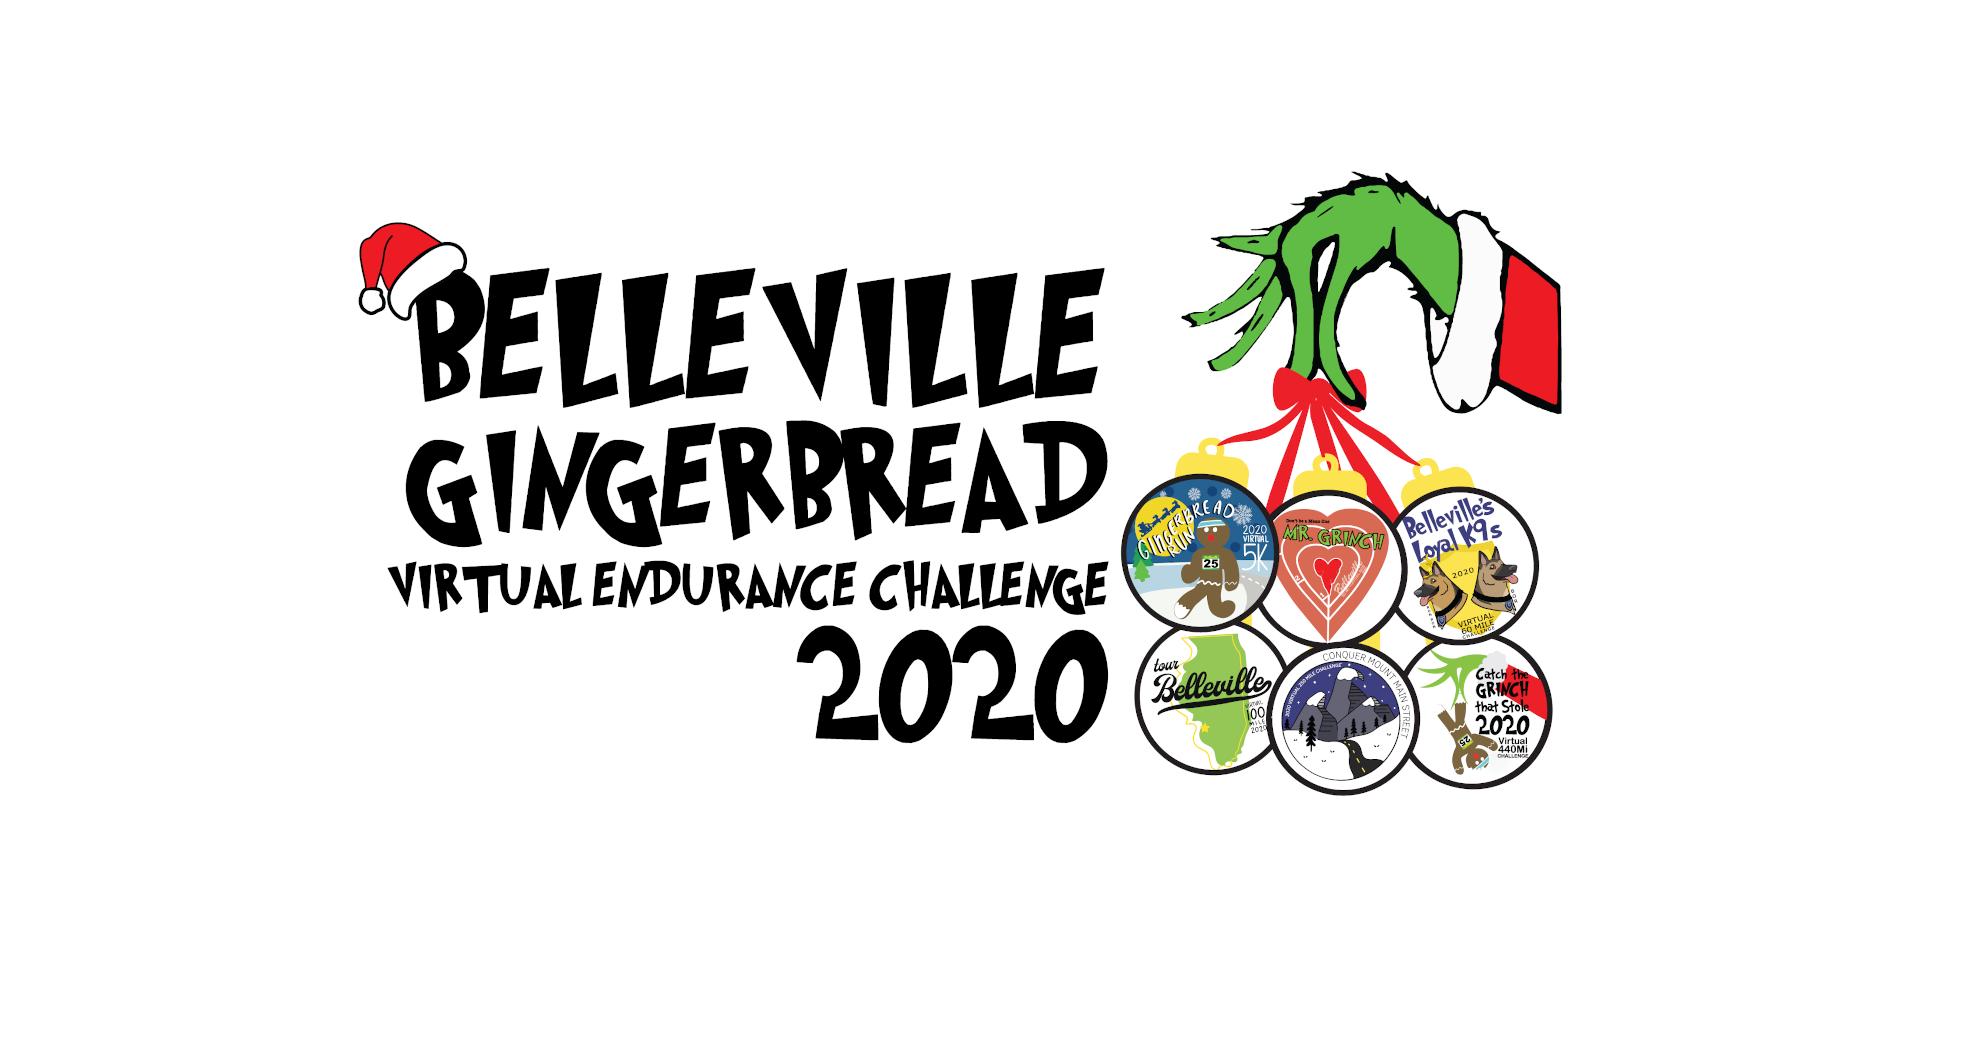 belleville_full-color_banner-002-b